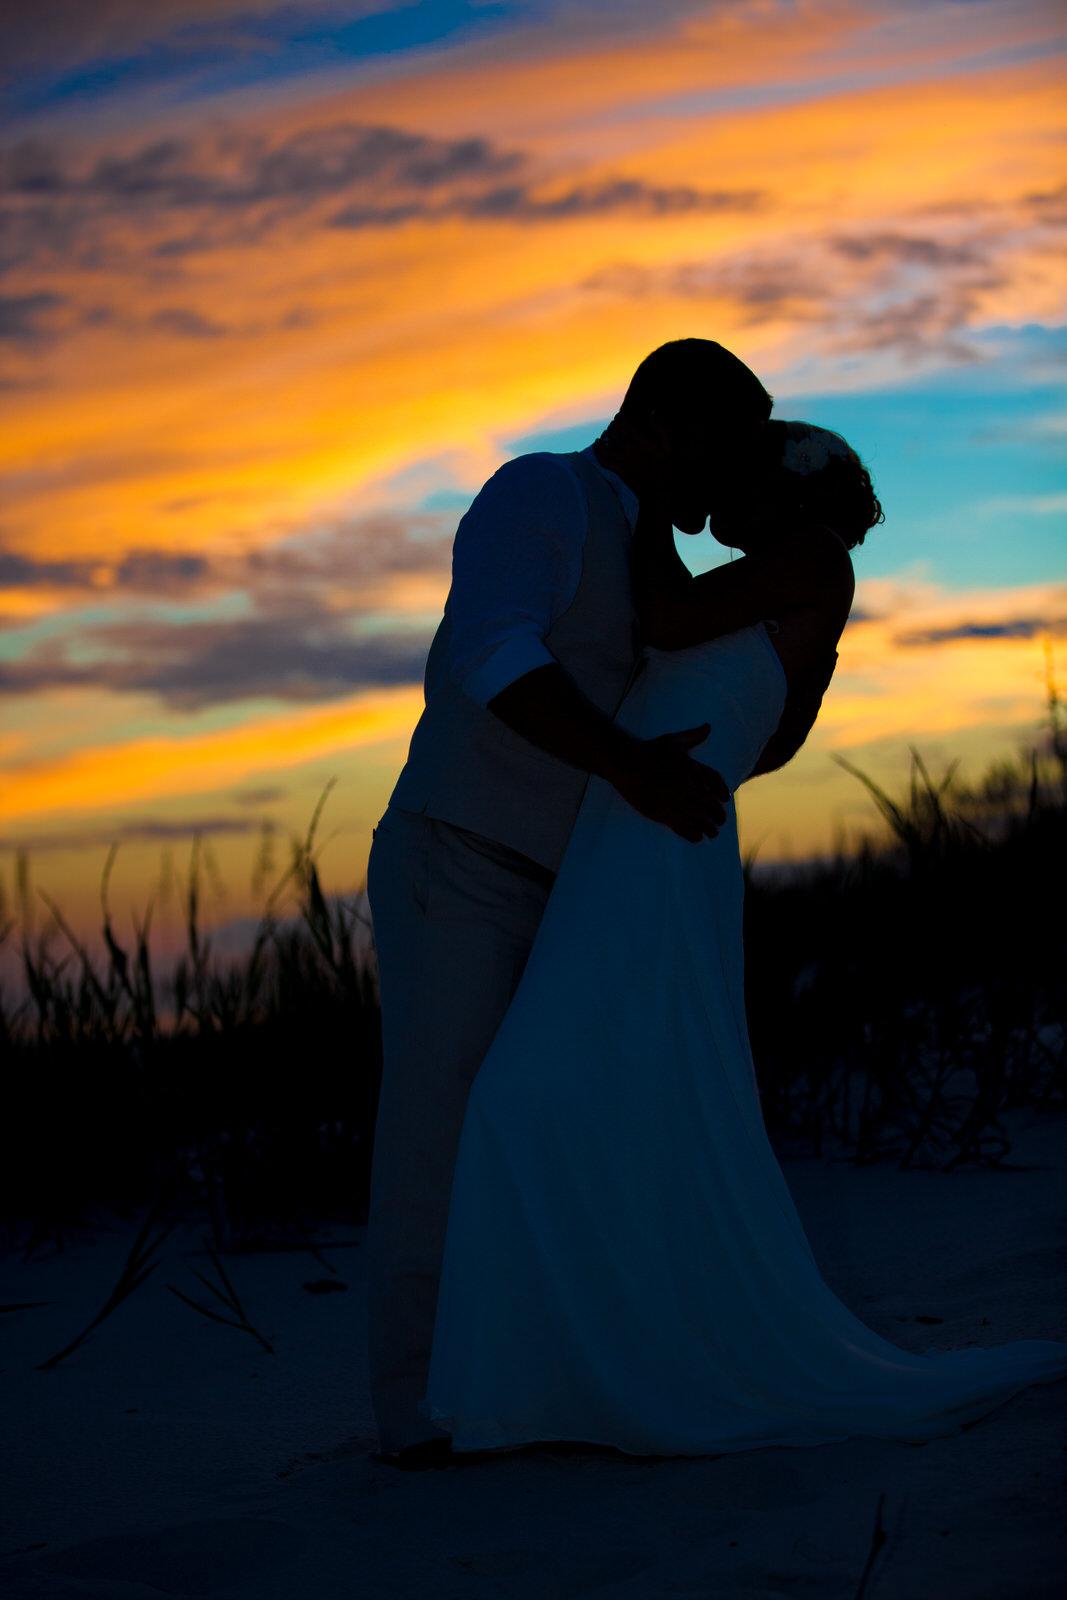 beach dream weddings orange beach al